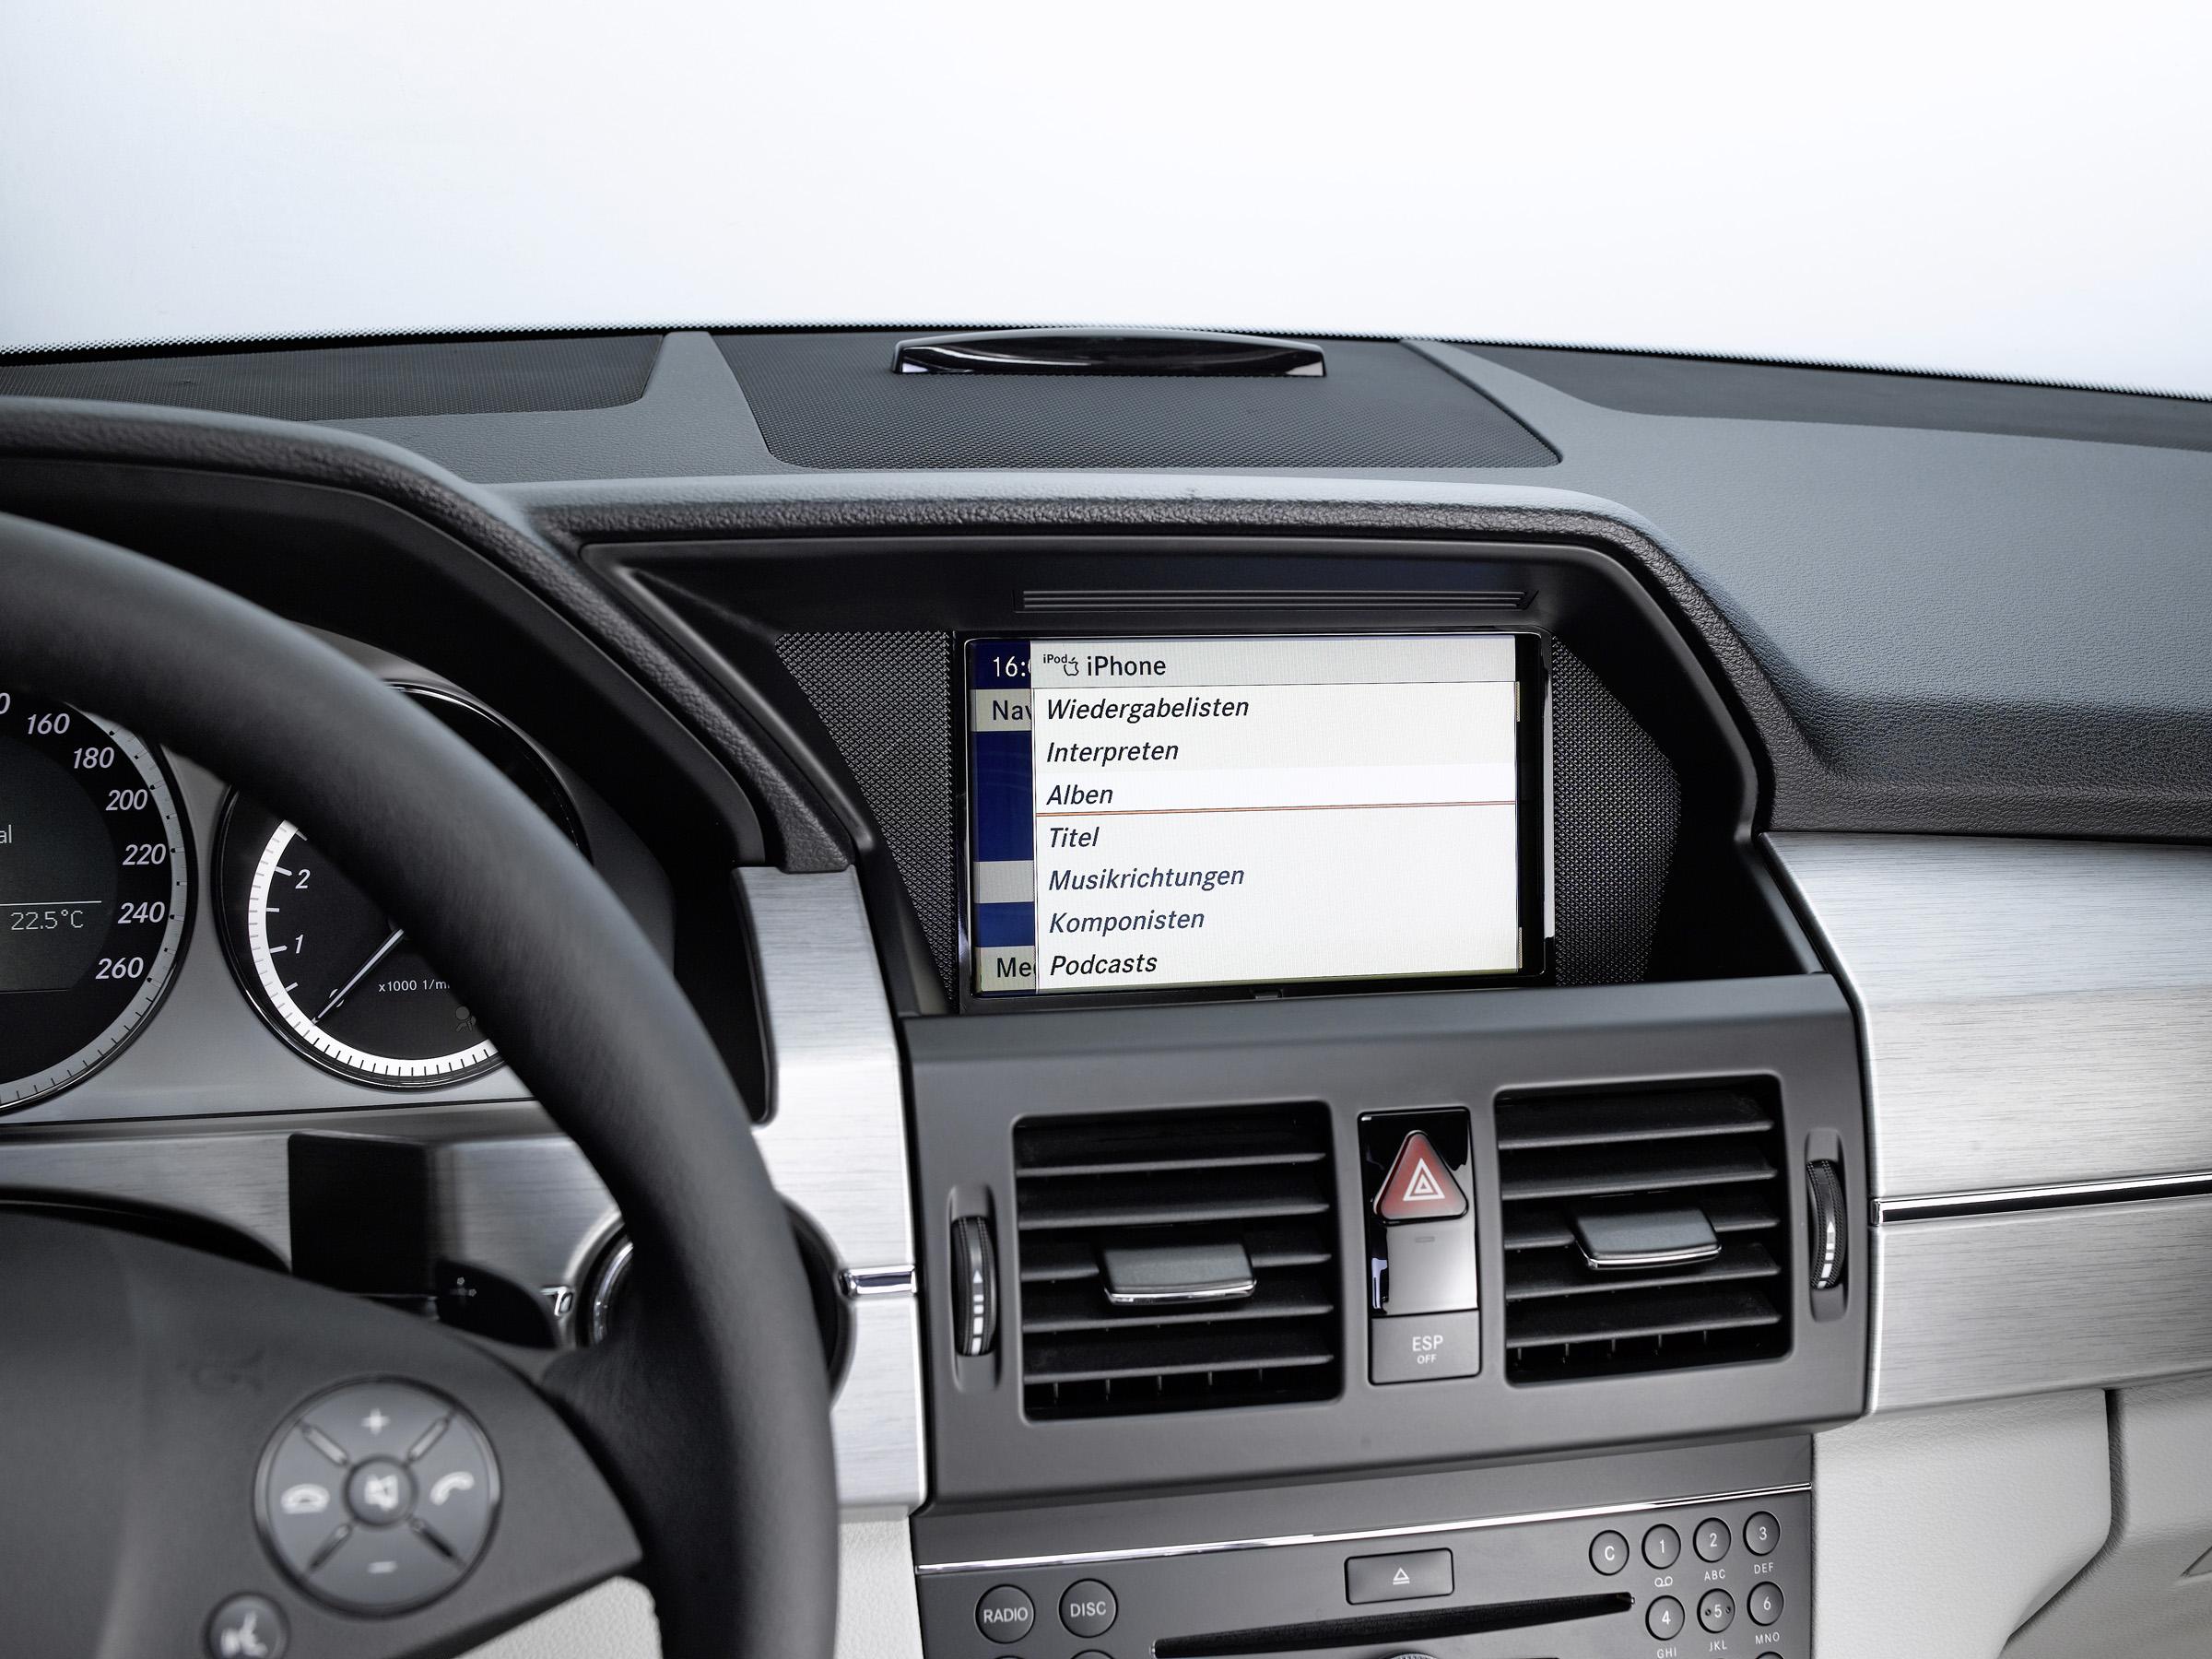 Новая колыбель позволяет полностью интегрироваться в архитектуре автомобиля: Mercedes-Benz делает в автомобиле iPhone® подключение еще проще - фотография №5